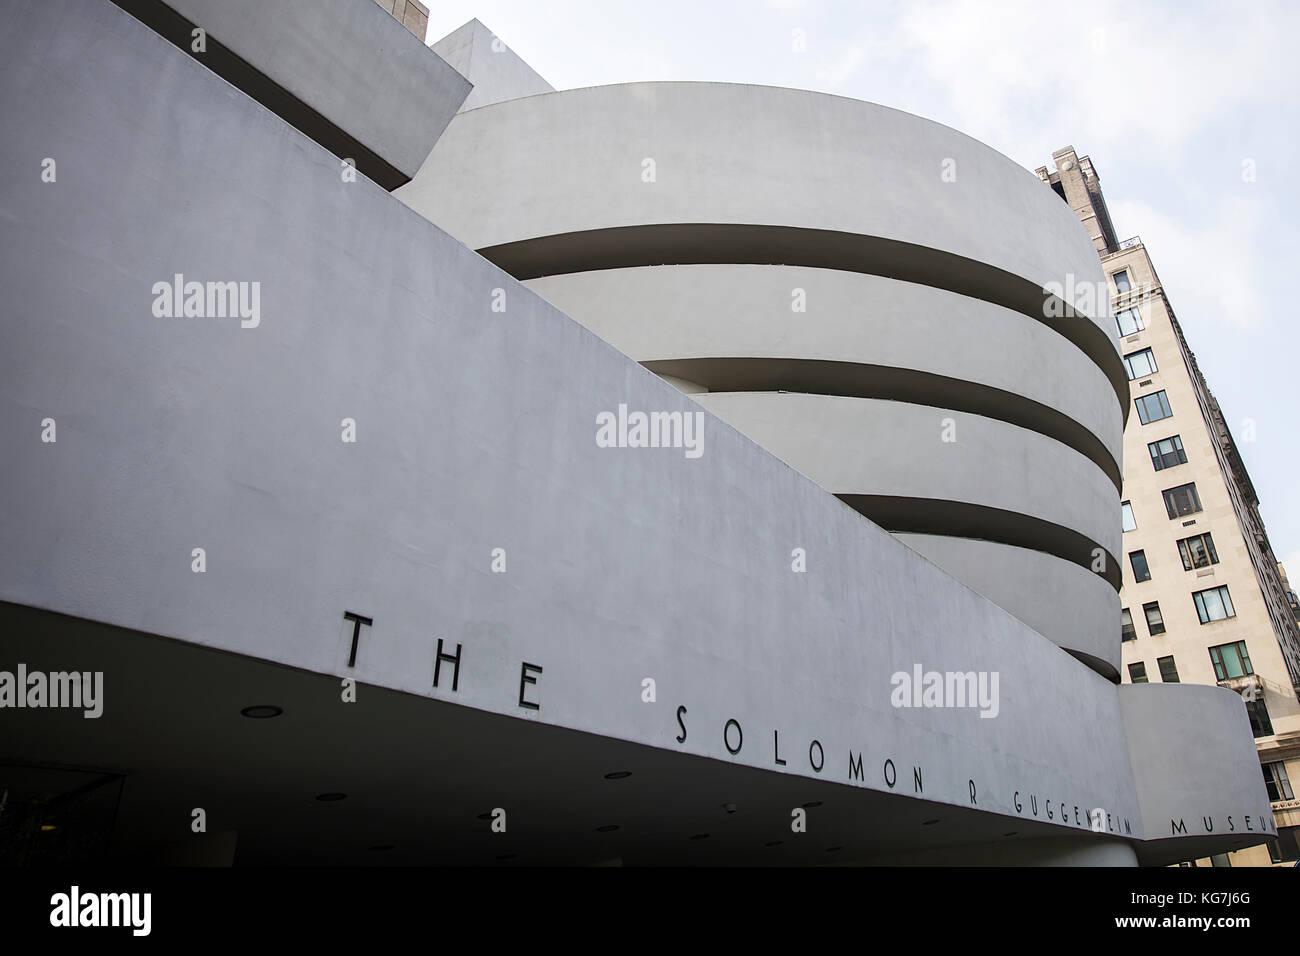 New York, USA - 22. August 2017: Detail des Guggenheim Museum in New York. Museum wurde von Frank Lloyd Wright und Stockbild